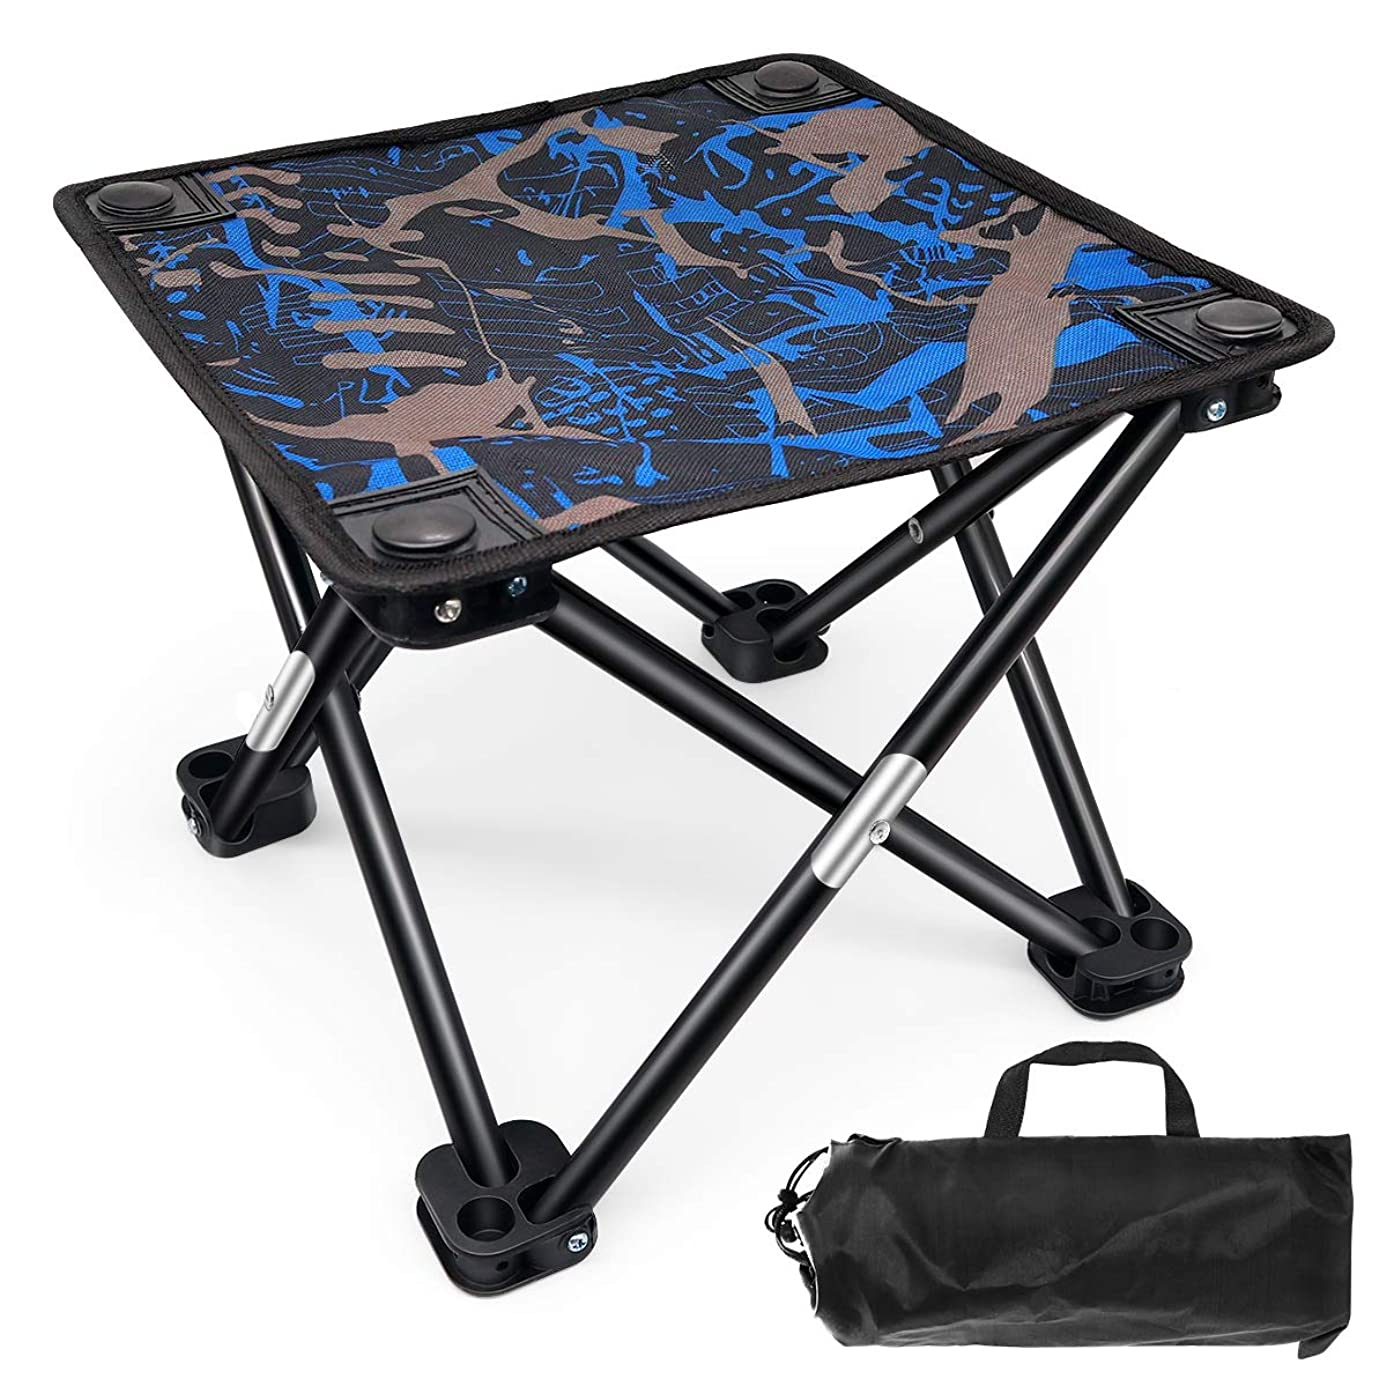 セグメント広大な幽霊BESONT 折りたたみチェア アウトドア 折りたたみ椅子 ベンチ コンパクトに収納 丈夫 荷重100Kg キャンプ用 収納袋付き